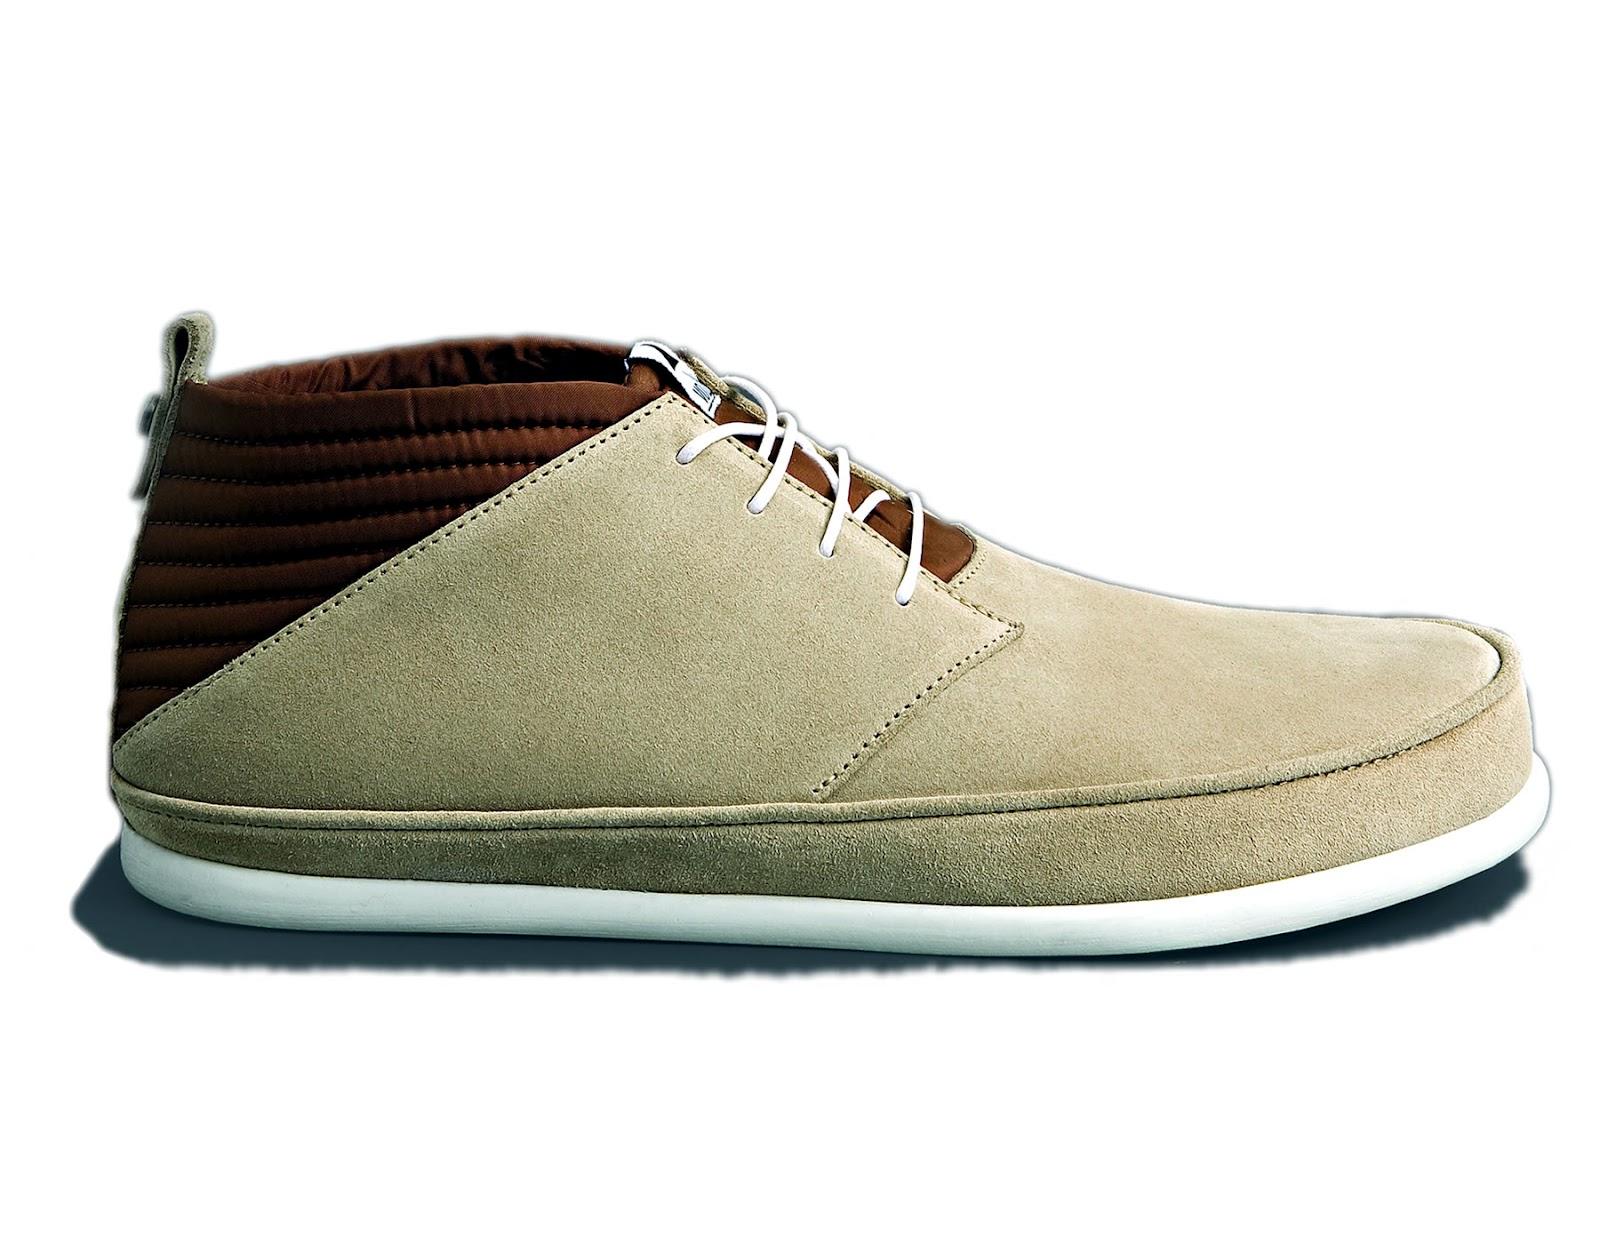 online retailer c7d64 33091 CLEOFESHOP.com :: SHOP-Online & News: Footwear VOLTA ...